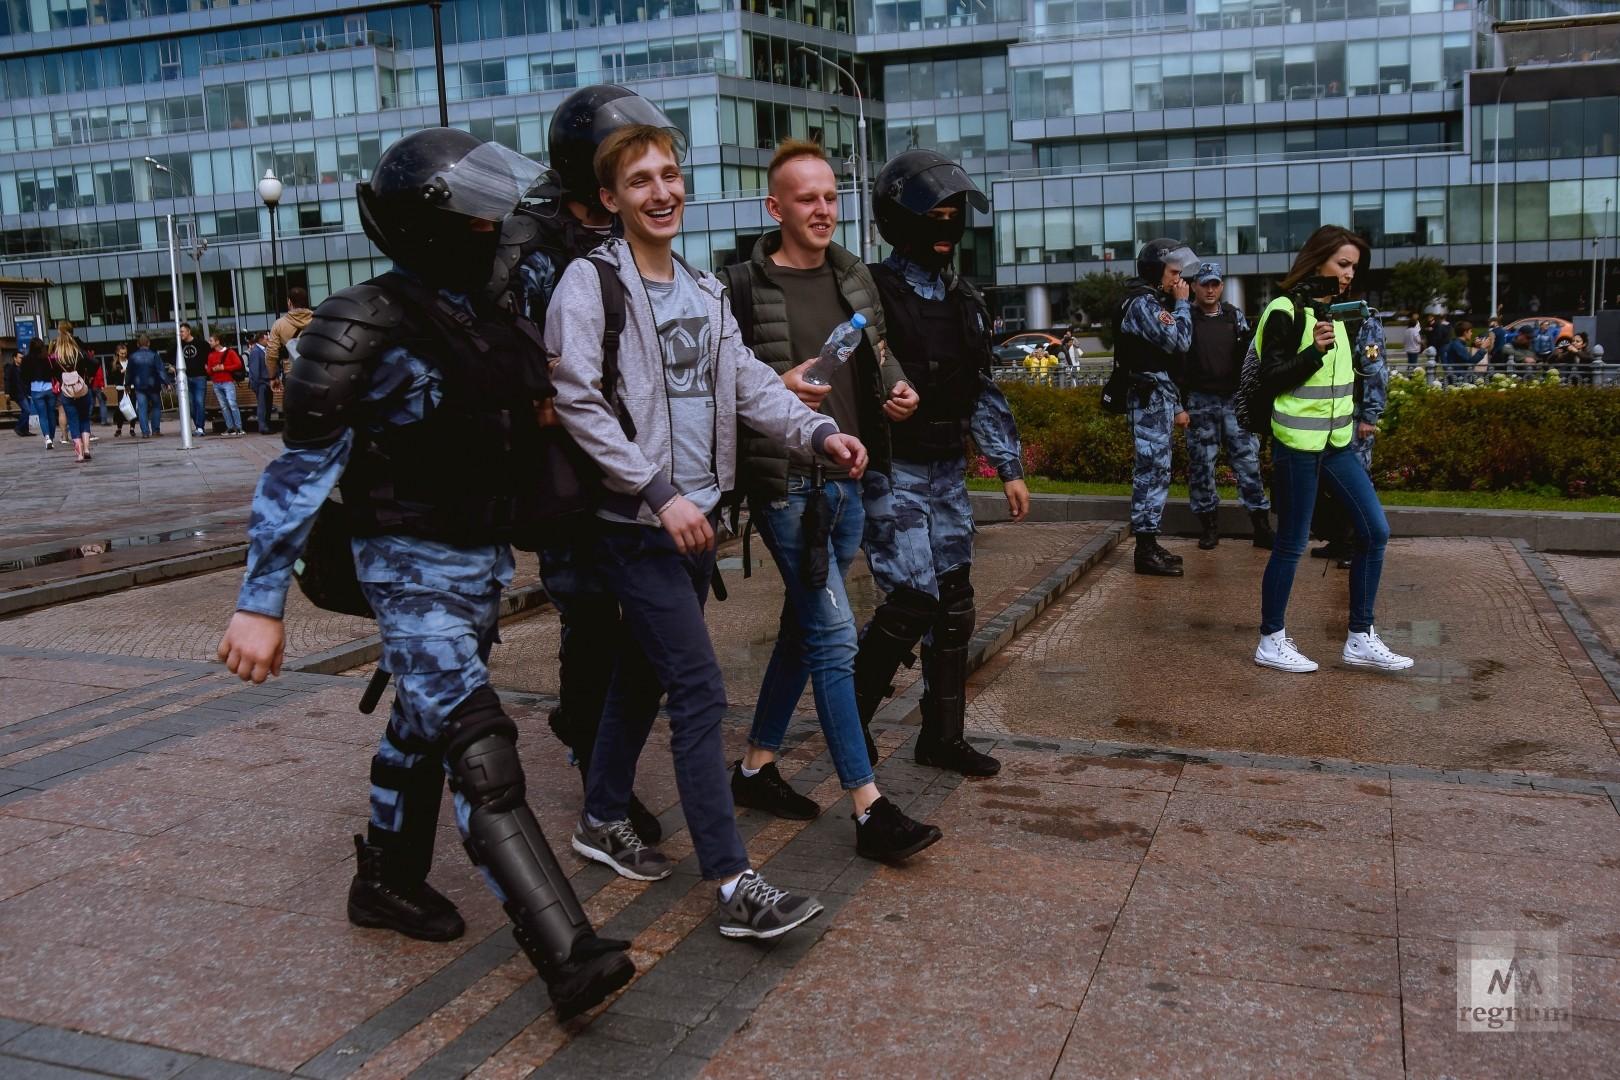 При задержании многие протестующие улыбались